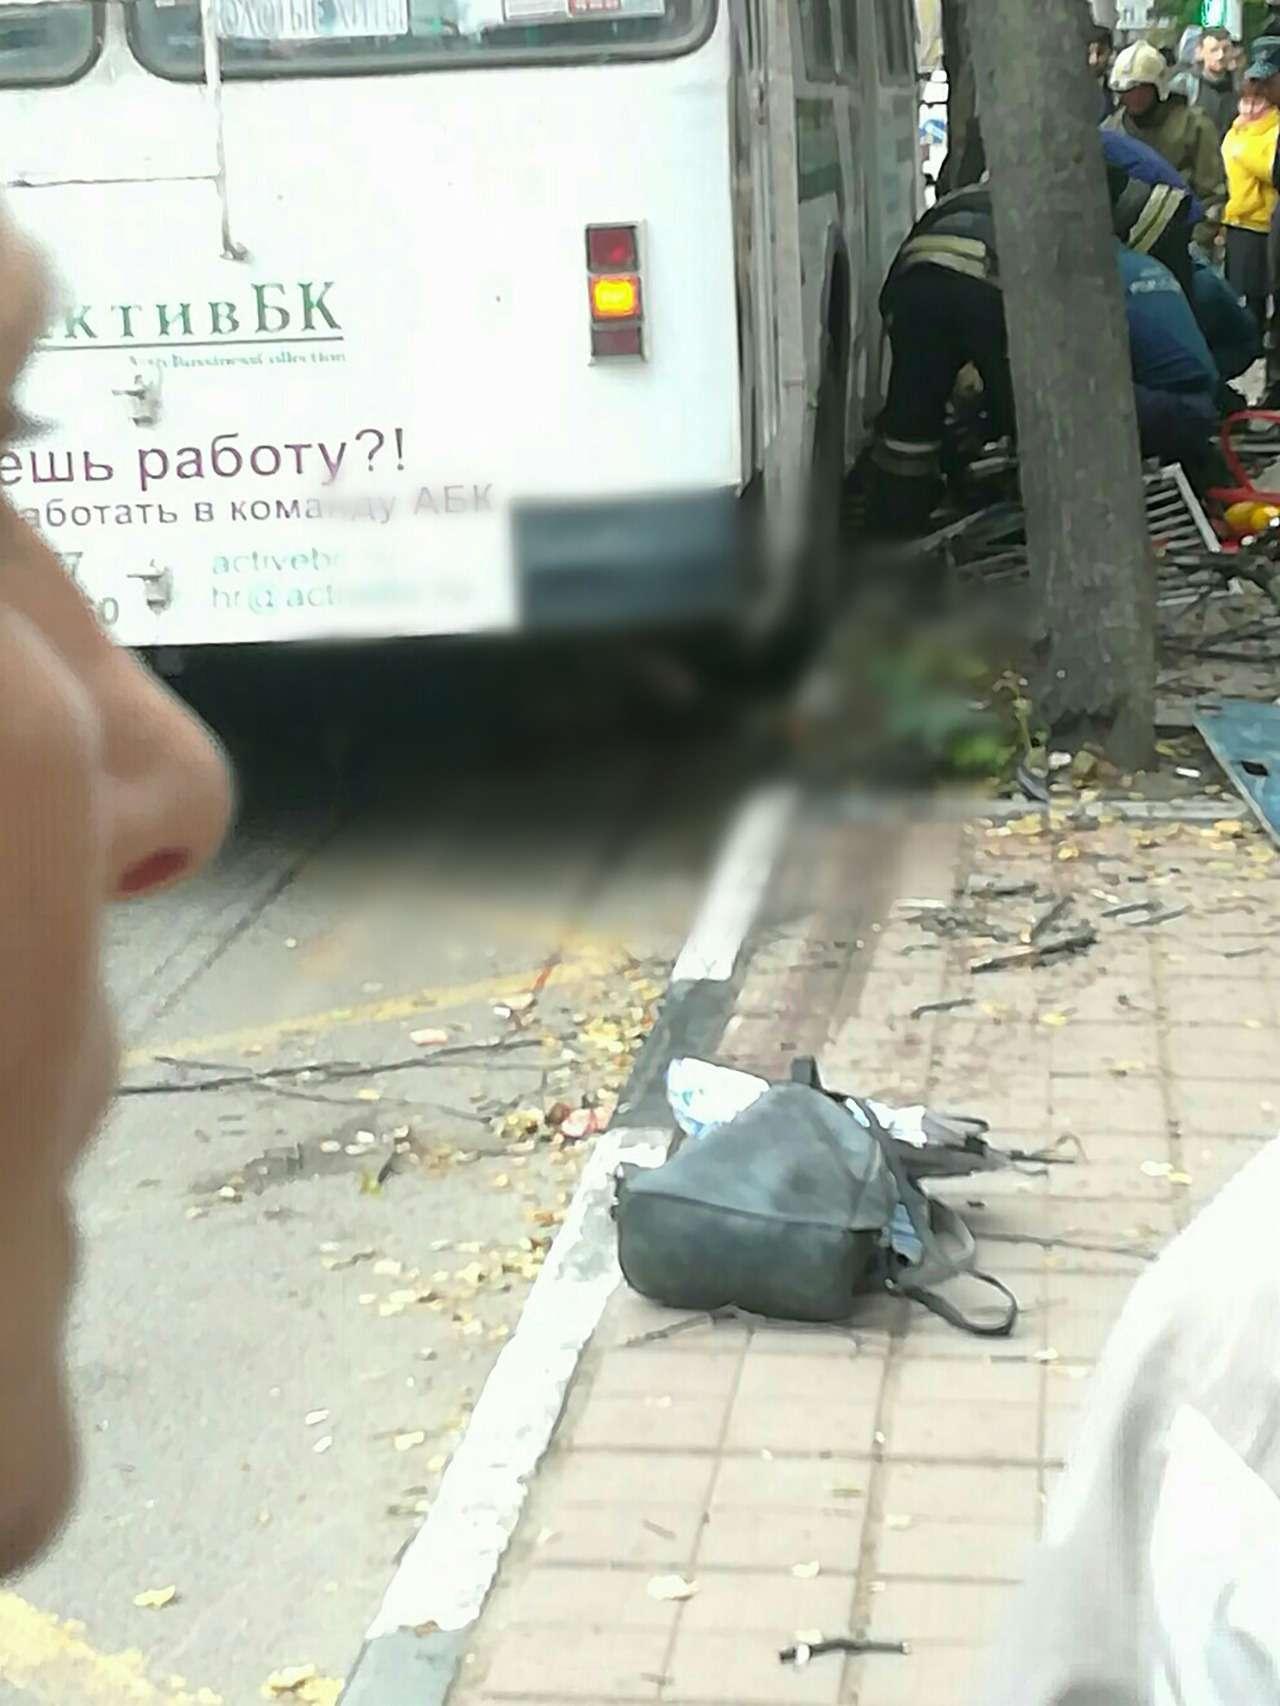 Троллейбус въехал востановку. Есть жертвы ипострадавшие— фото 912678